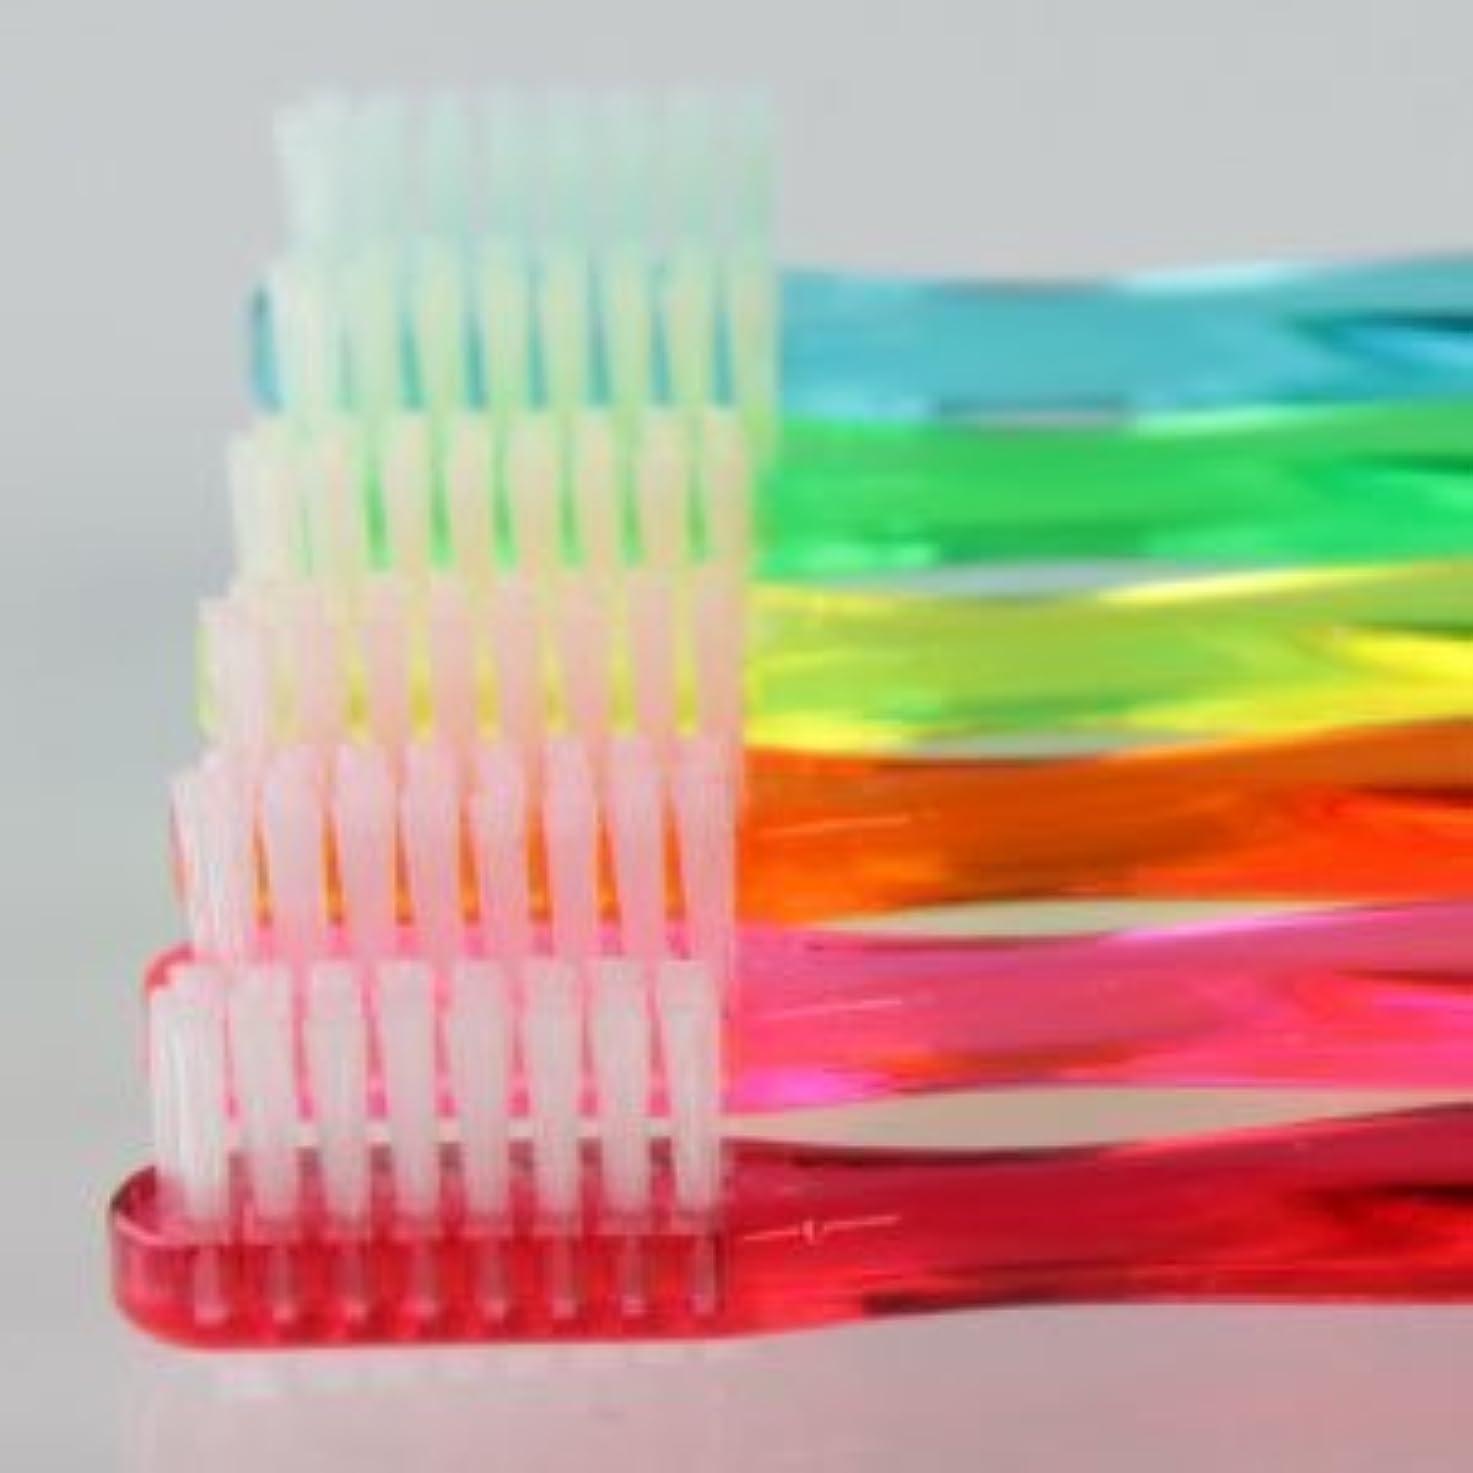 暫定排泄物コンピューターゲームをプレイするサムフレンド 歯ブラシ #11(乳歯?永久歯の混合歯列期向け) 6本 ※お色は当店お任せです